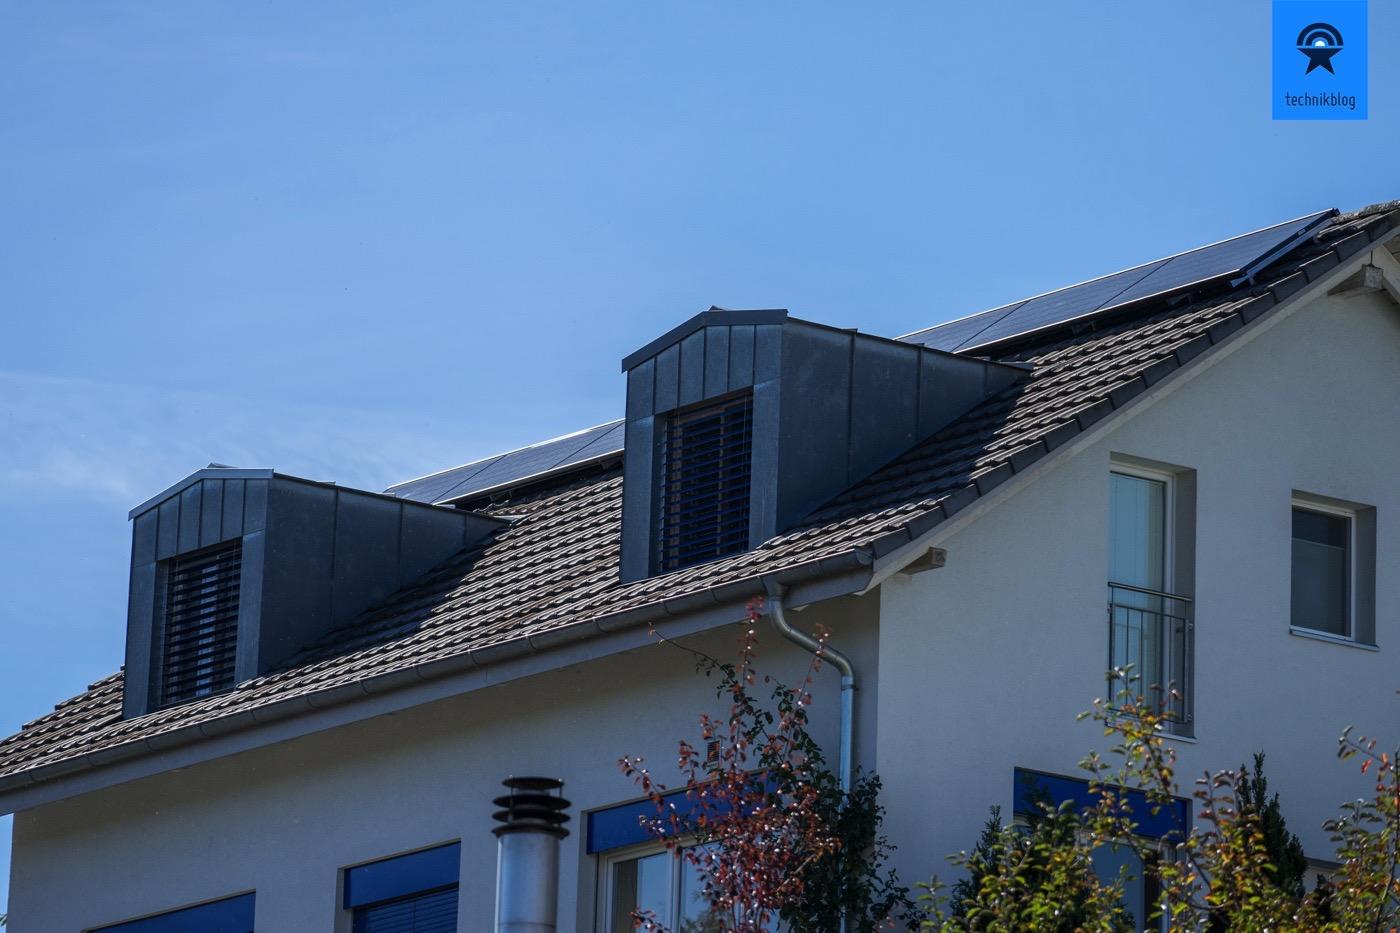 Meine Photovoltaik-Anlage auf dem Ost-Dach